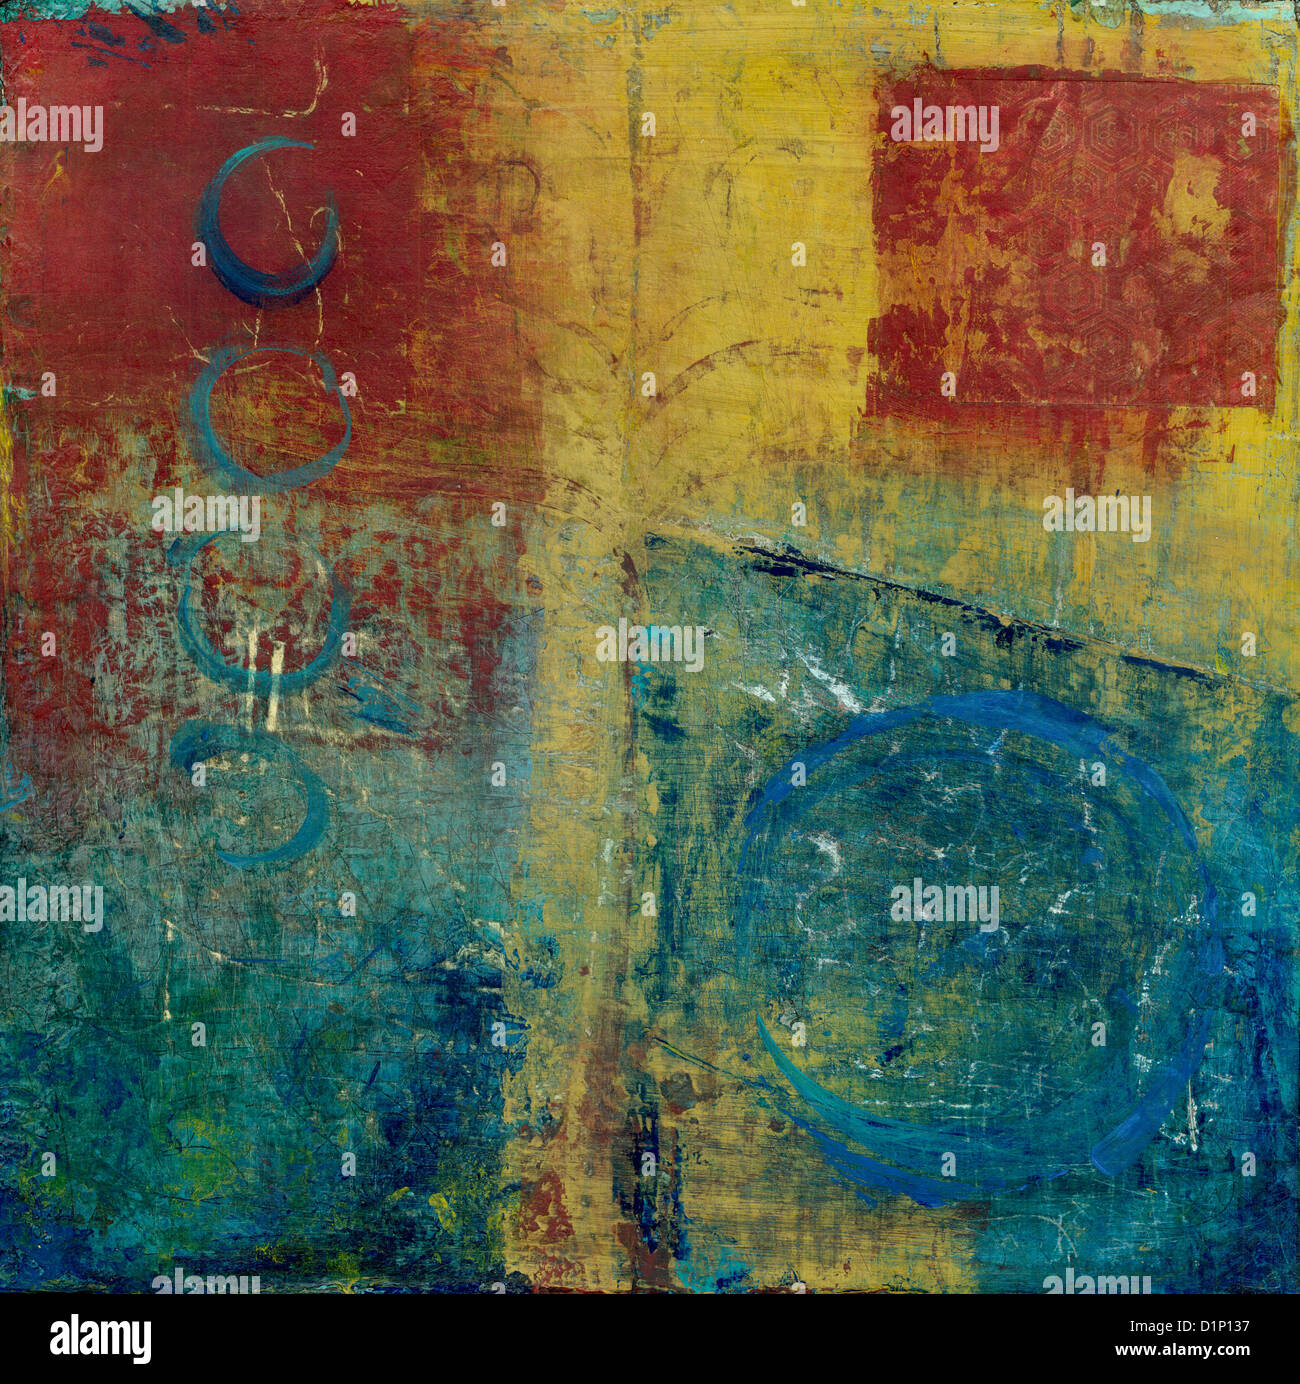 La pintura abstracta con los colores rojo, azul y amarillo. Imagen De Stock